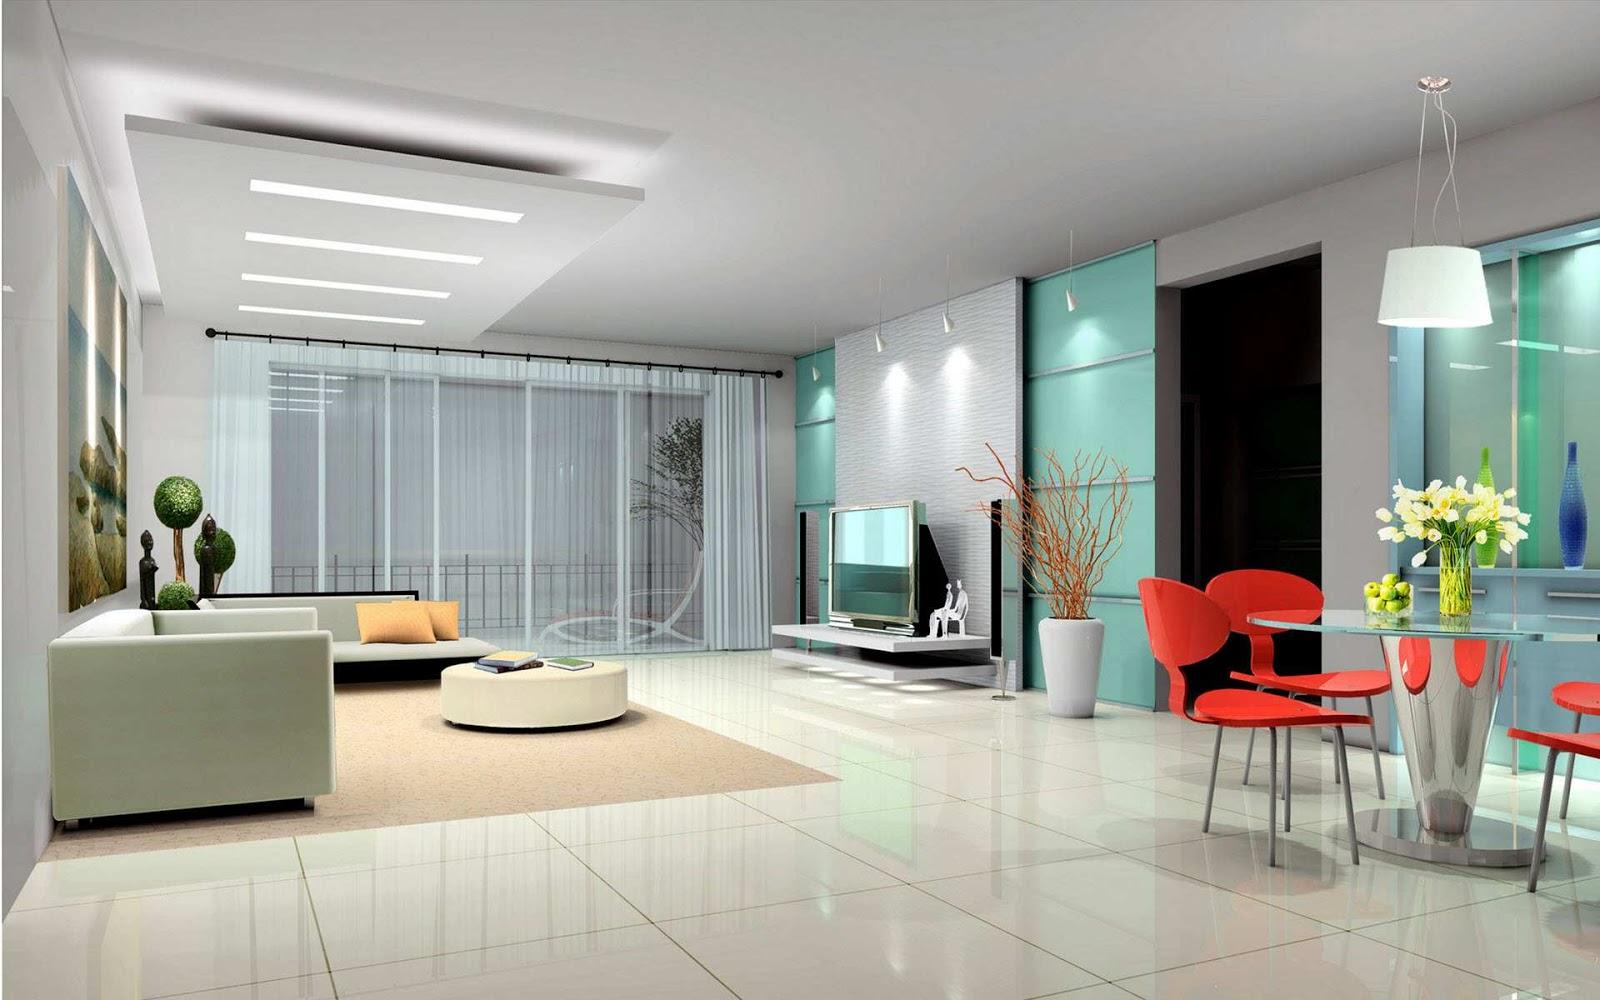 http://3.bp.blogspot.com/-kxjZdyZ55NU/ULxxNdM3gXI/AAAAAAAAABc/AnNocd0u3Zs/s1600/home+improve.jpg